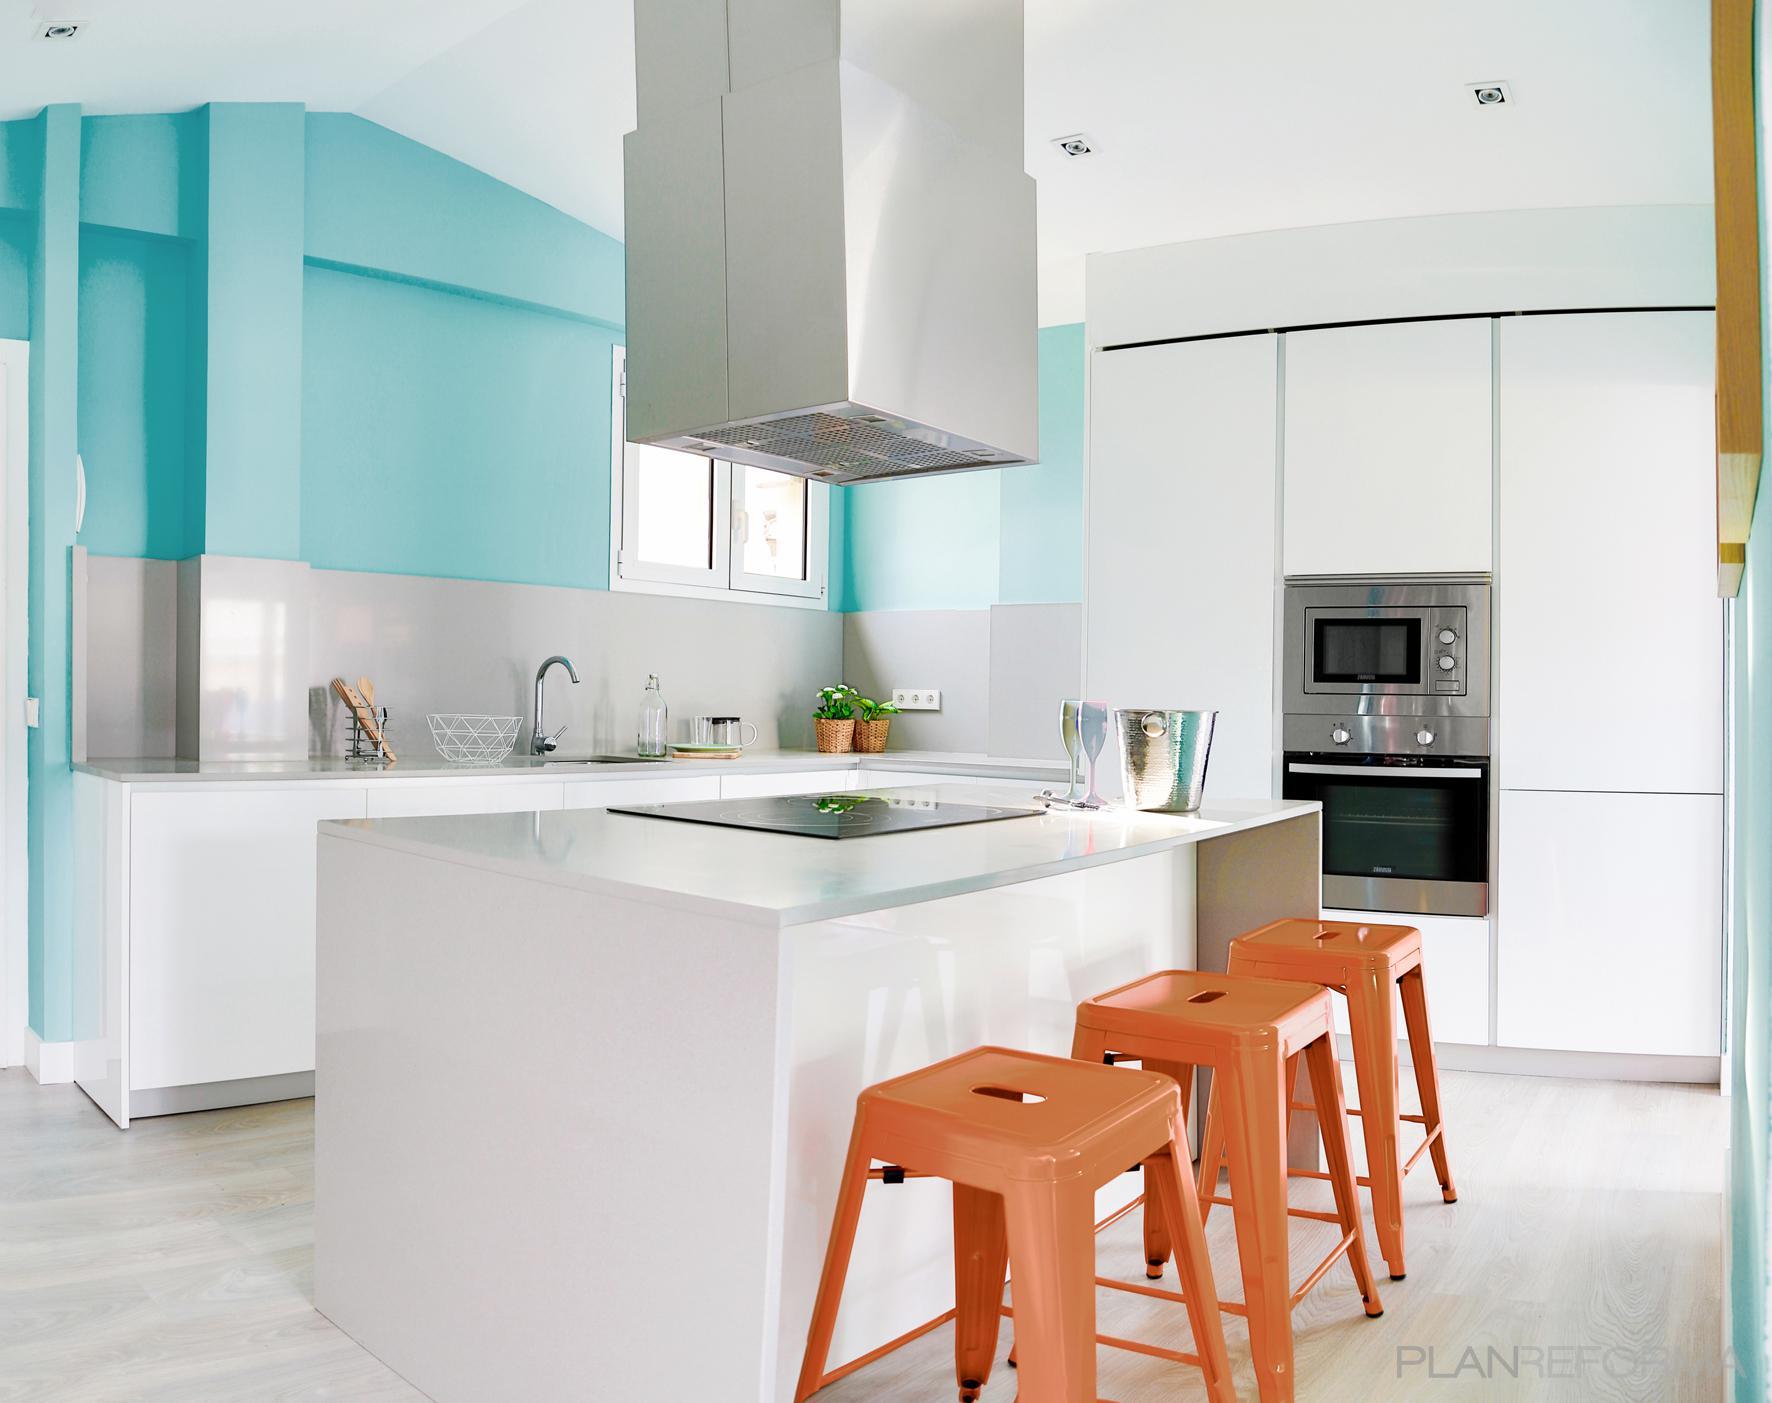 Cocina Estilo contemporaneo Color ocre, turquesa  diseñado por studioBMK   Arquitecto